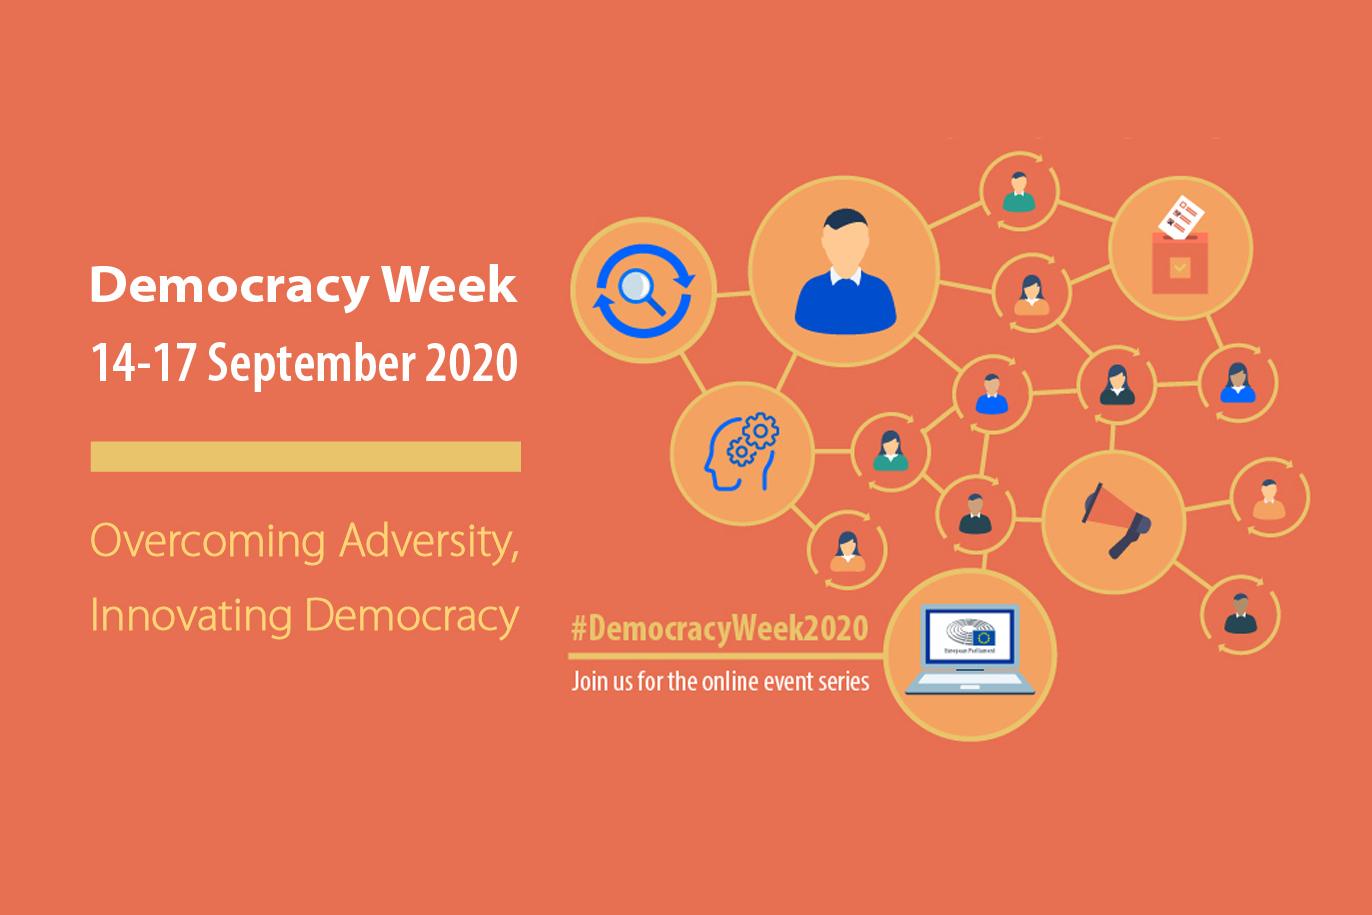 Célébrer la Démocratie: Opinion Éditoriale de SEM Eric P. Whitaker Ambassadeur des États-Unis au Niger